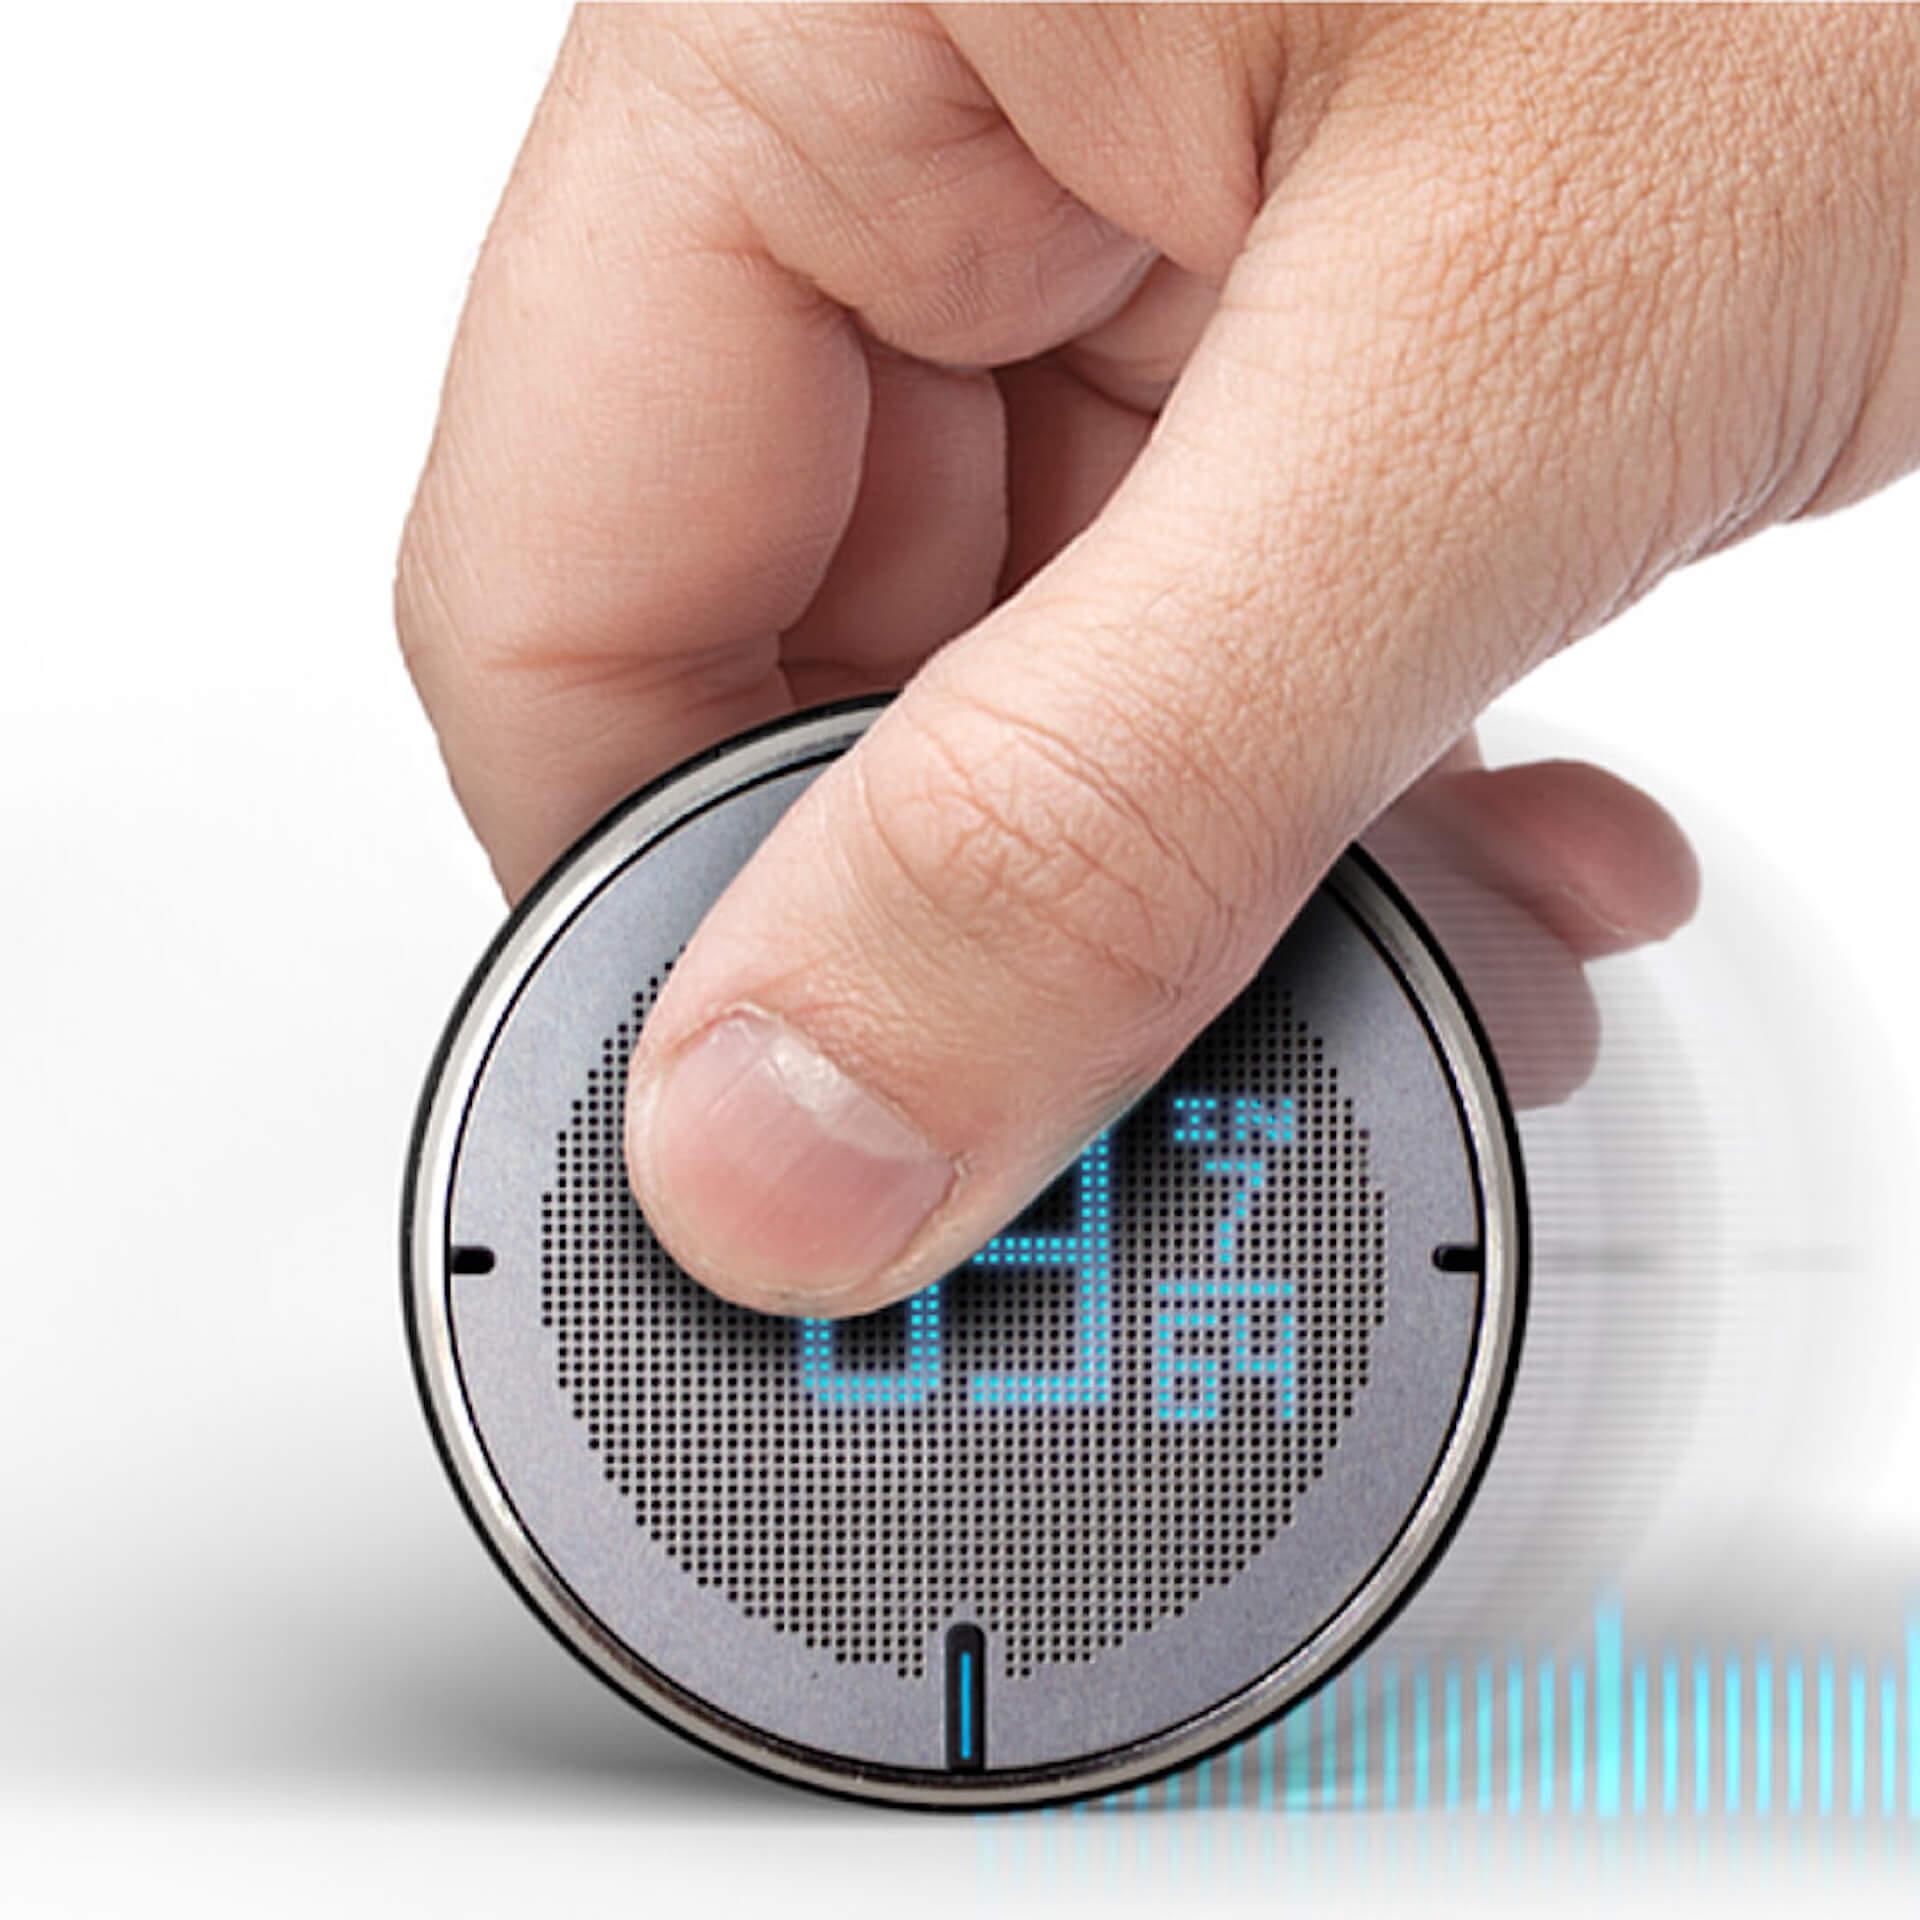 直径わずか5cm、転がすだけで立体物も計測できる!スマート巻尺「ROLLOVA」が登場 tech190903rollova_2